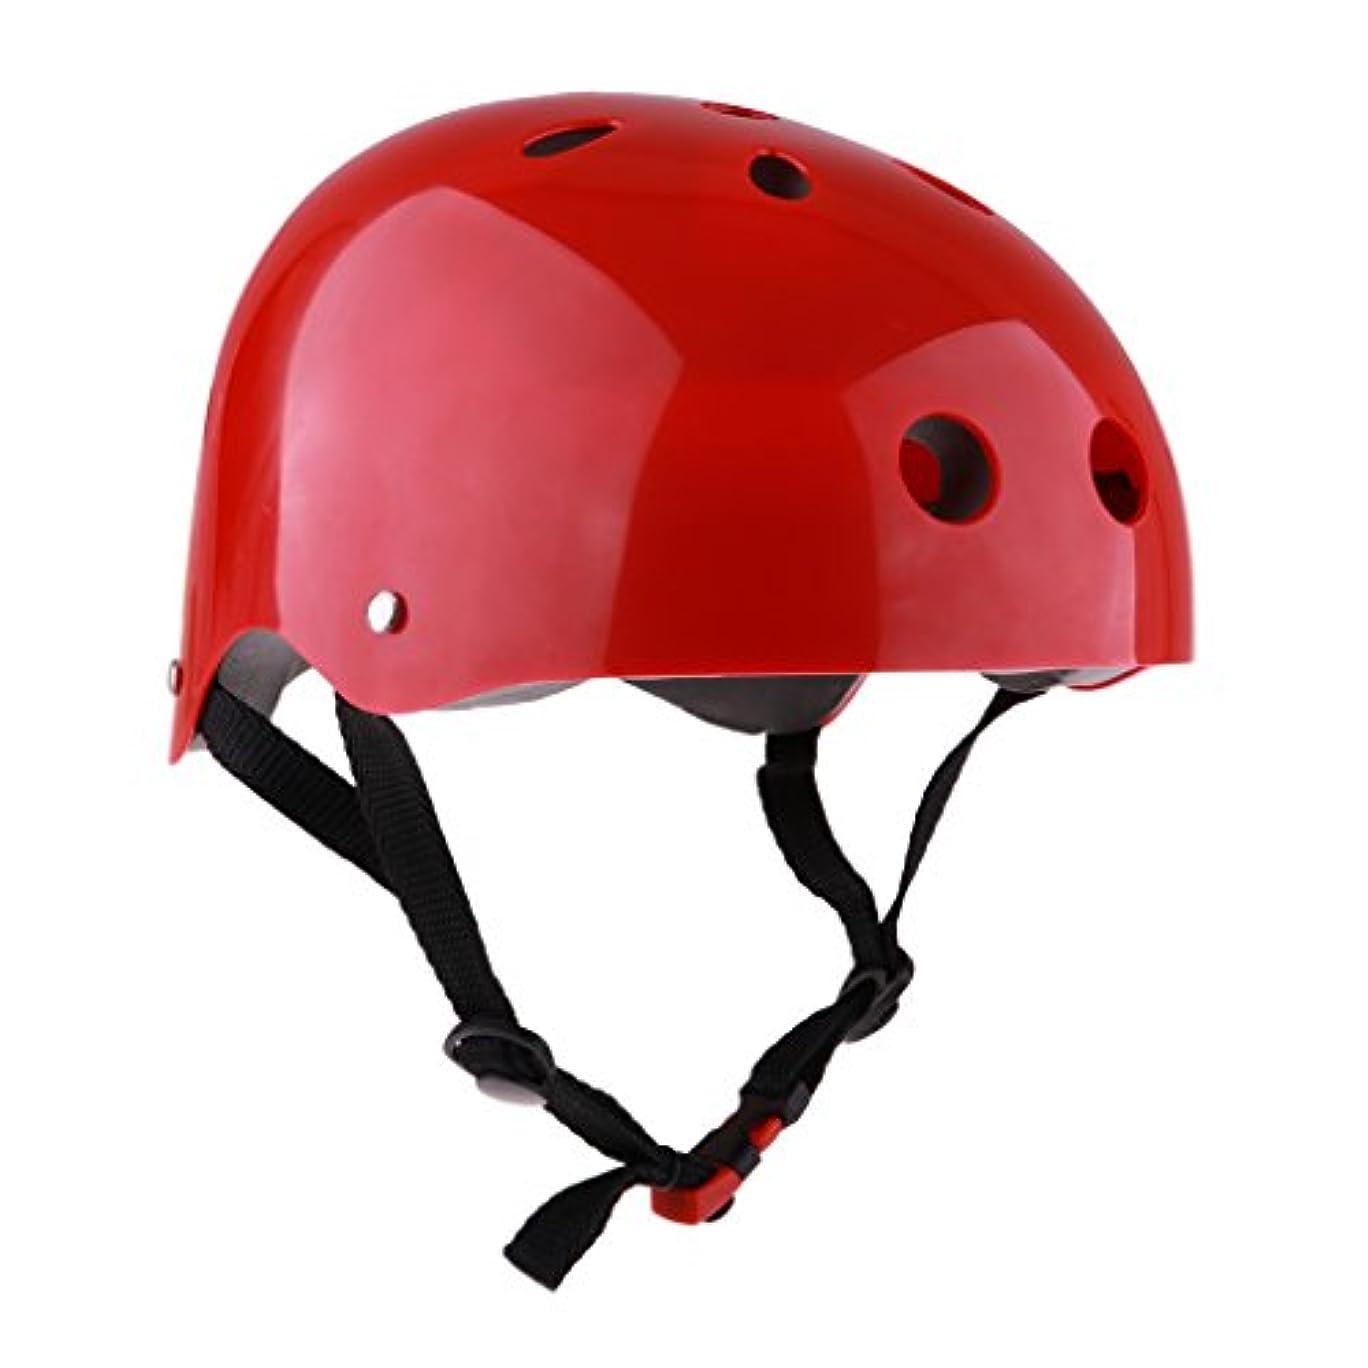 かけがえのない敗北嬉しいですFenteer ウェイクボードカヤック用 ユニバーサル ウォータースポーツ ヘルメット カヌーボート 漂流セーリング 高密度